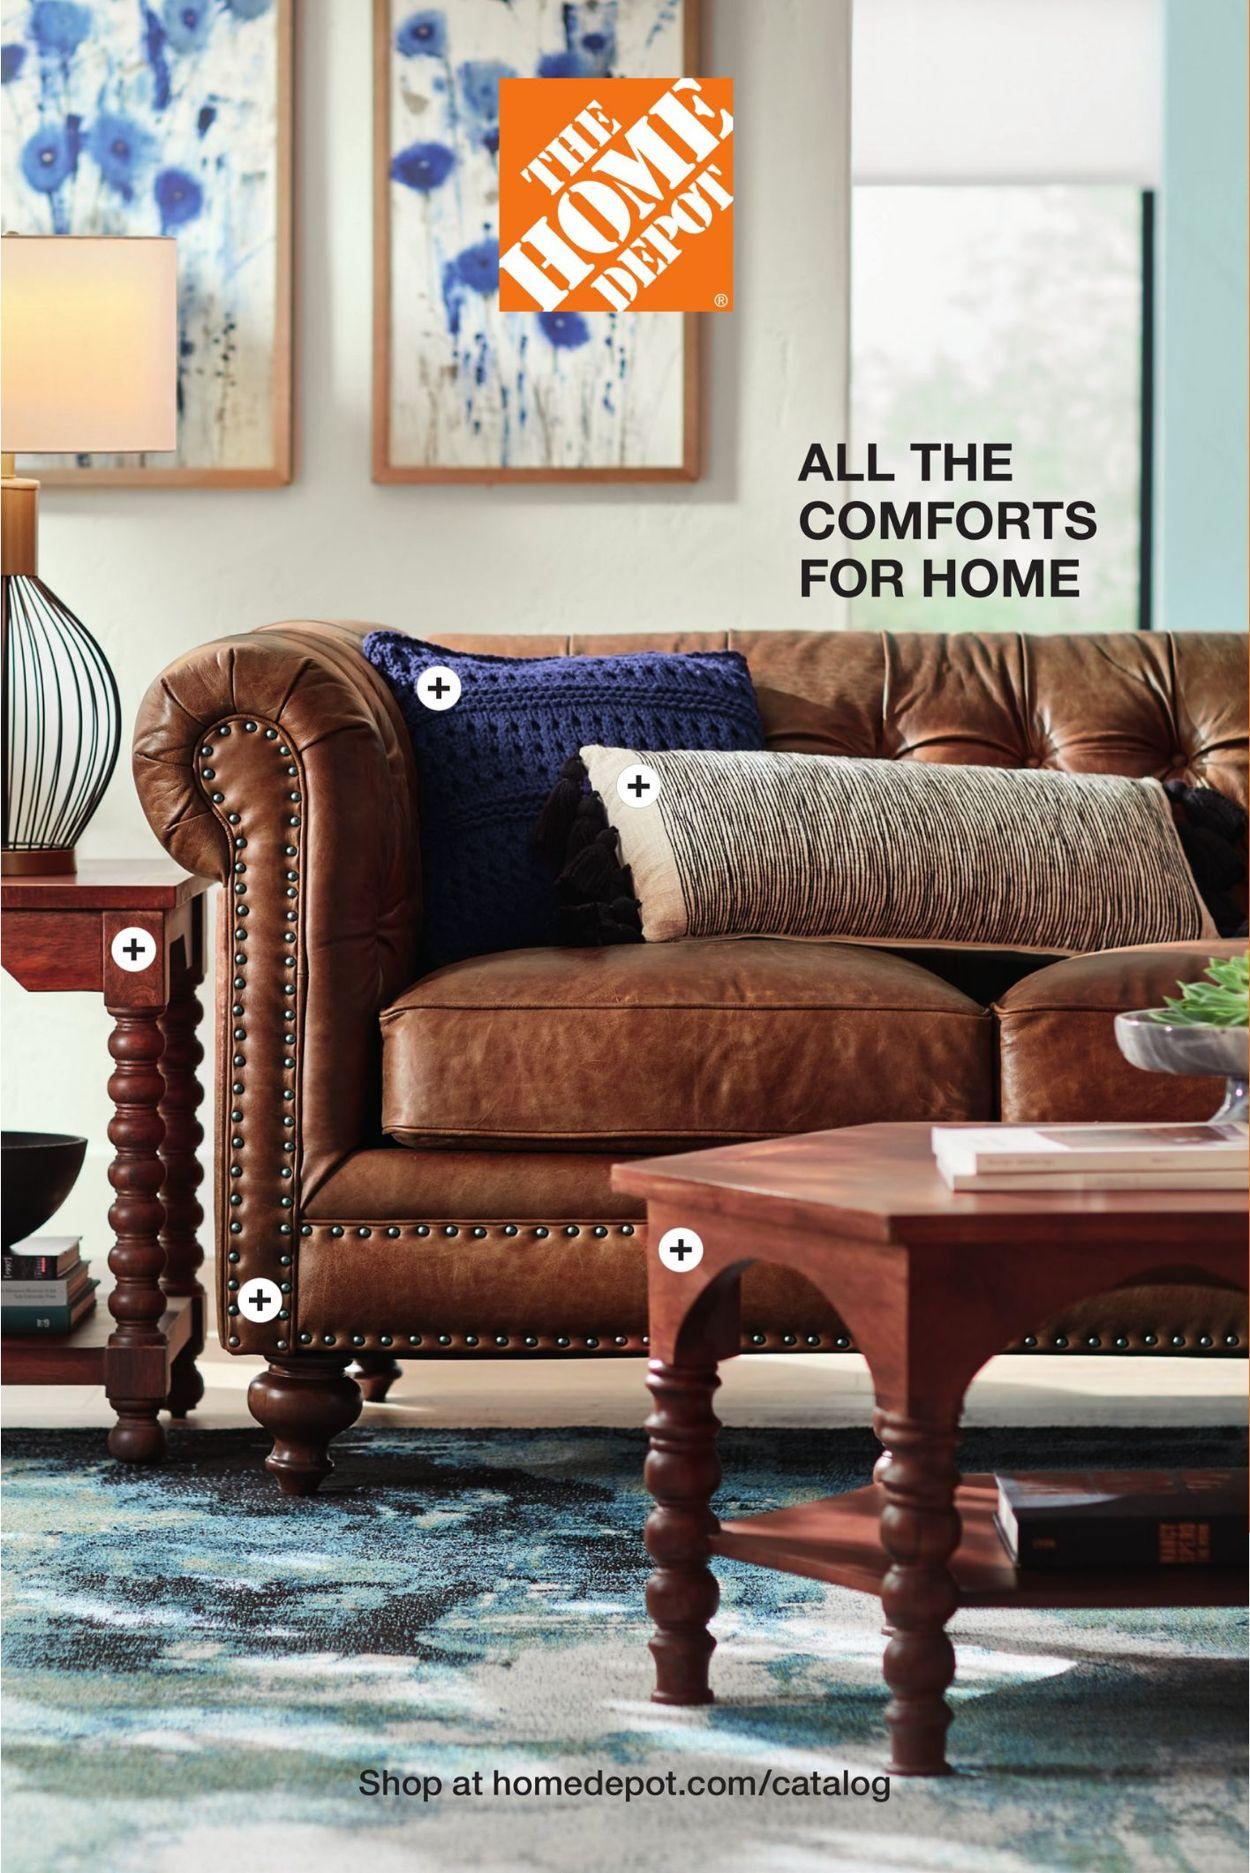 Home Depot Weekly Ad Circular - valid 02/08-03/07/2021